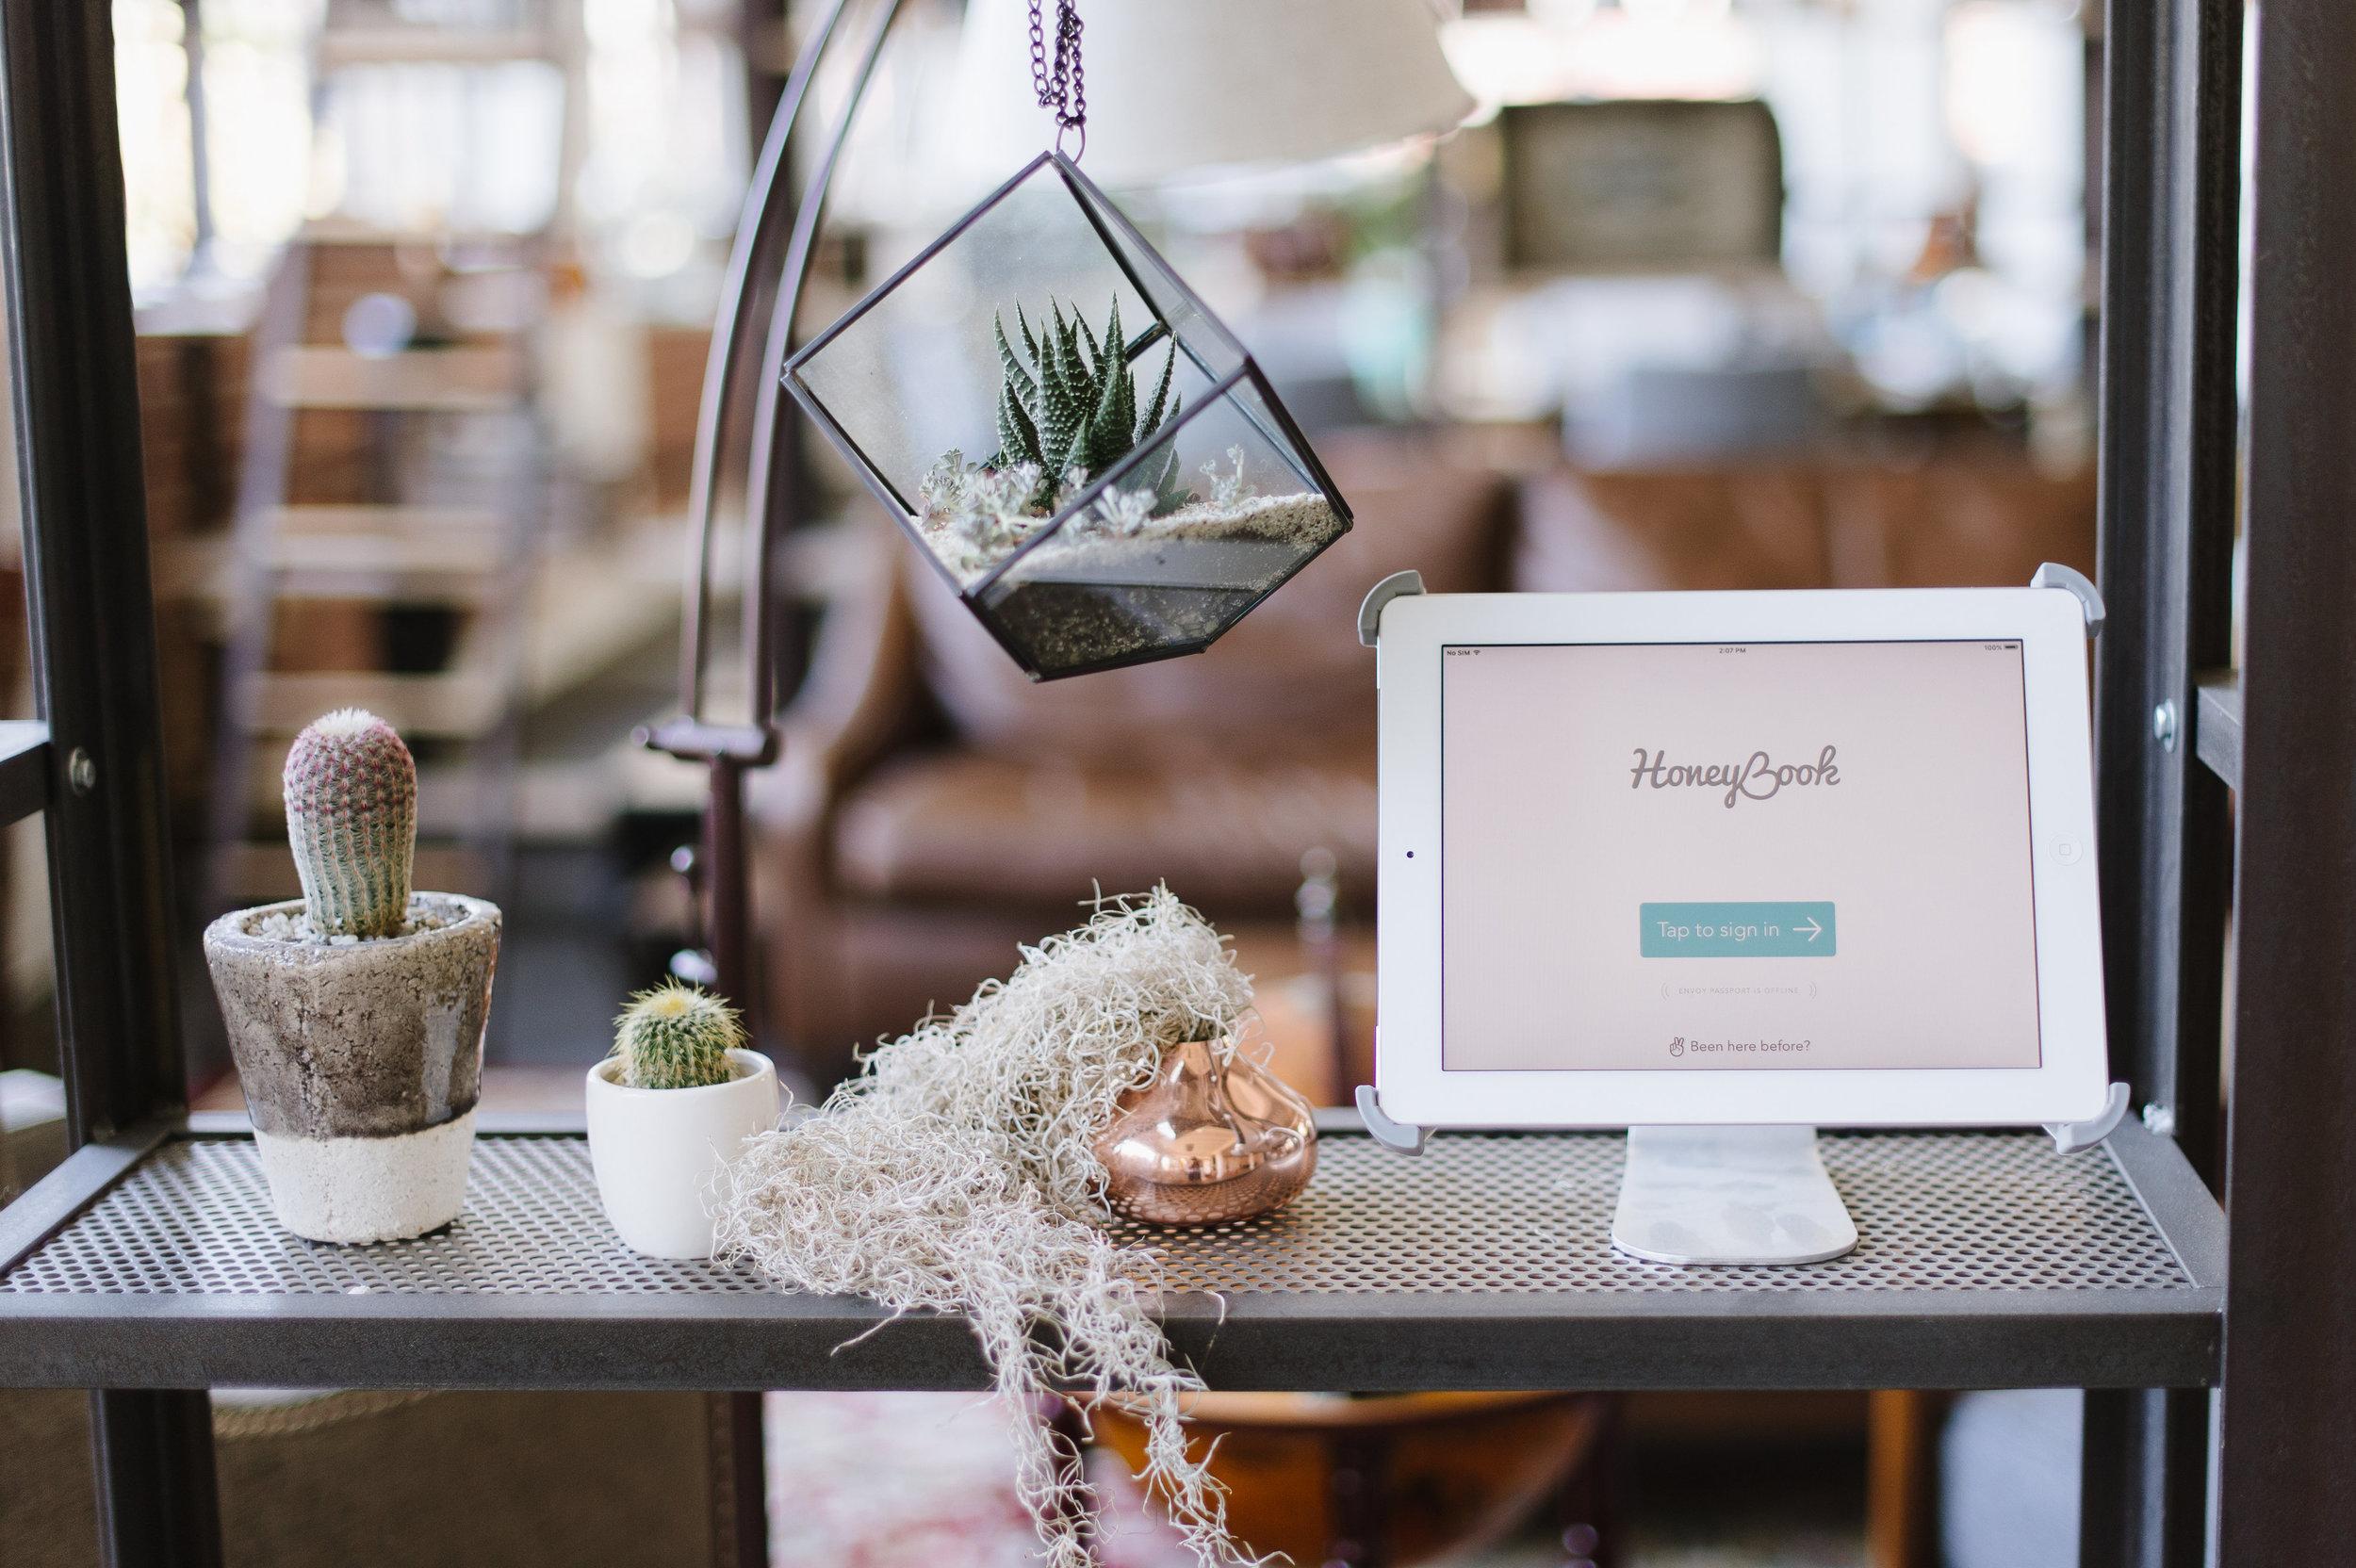 honeybook photographer client management software